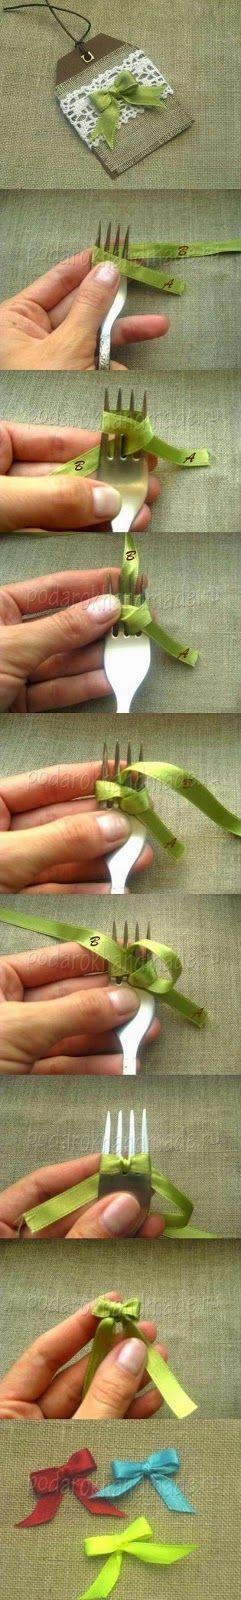 Truco para hacer lazos muy pequeños con un tenedor. De esta forma conseguirás hacer pequeños moños para decorar cualquier cosa, tarjetas de...